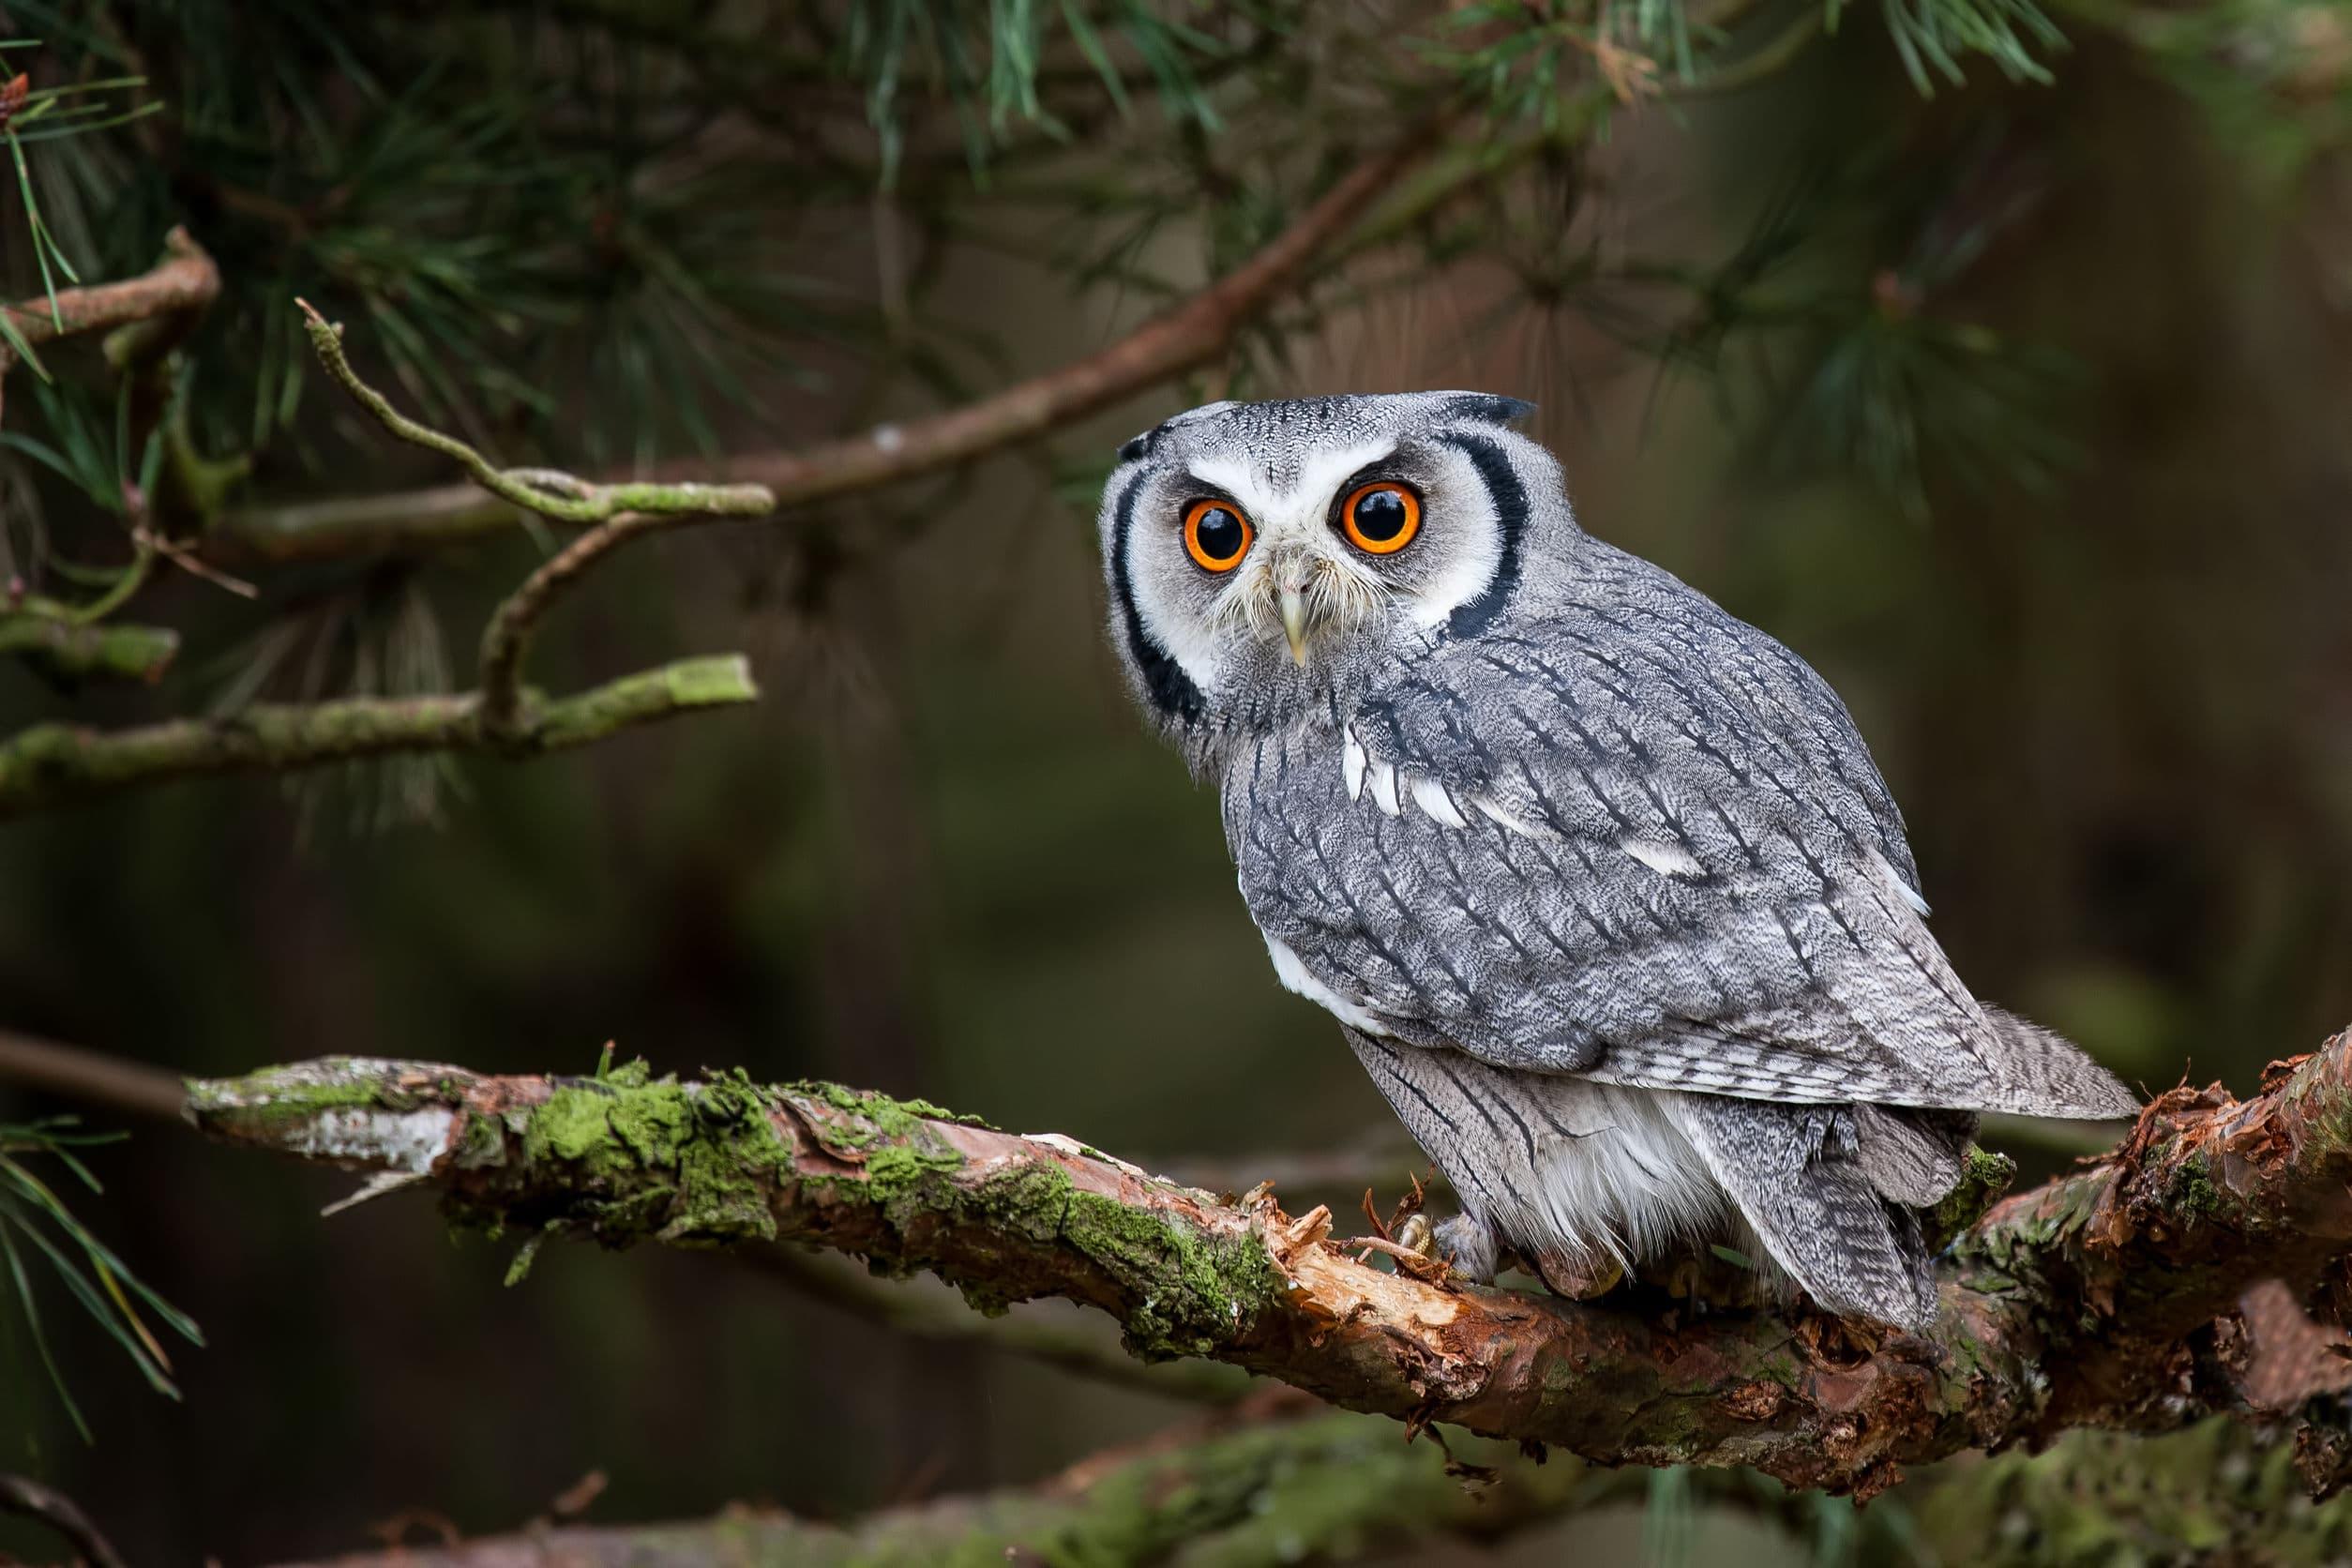 Coruja branca e cinza com os olhos laranjas. Ela está em um galho de árvore e ao fundo existe uma floresta.